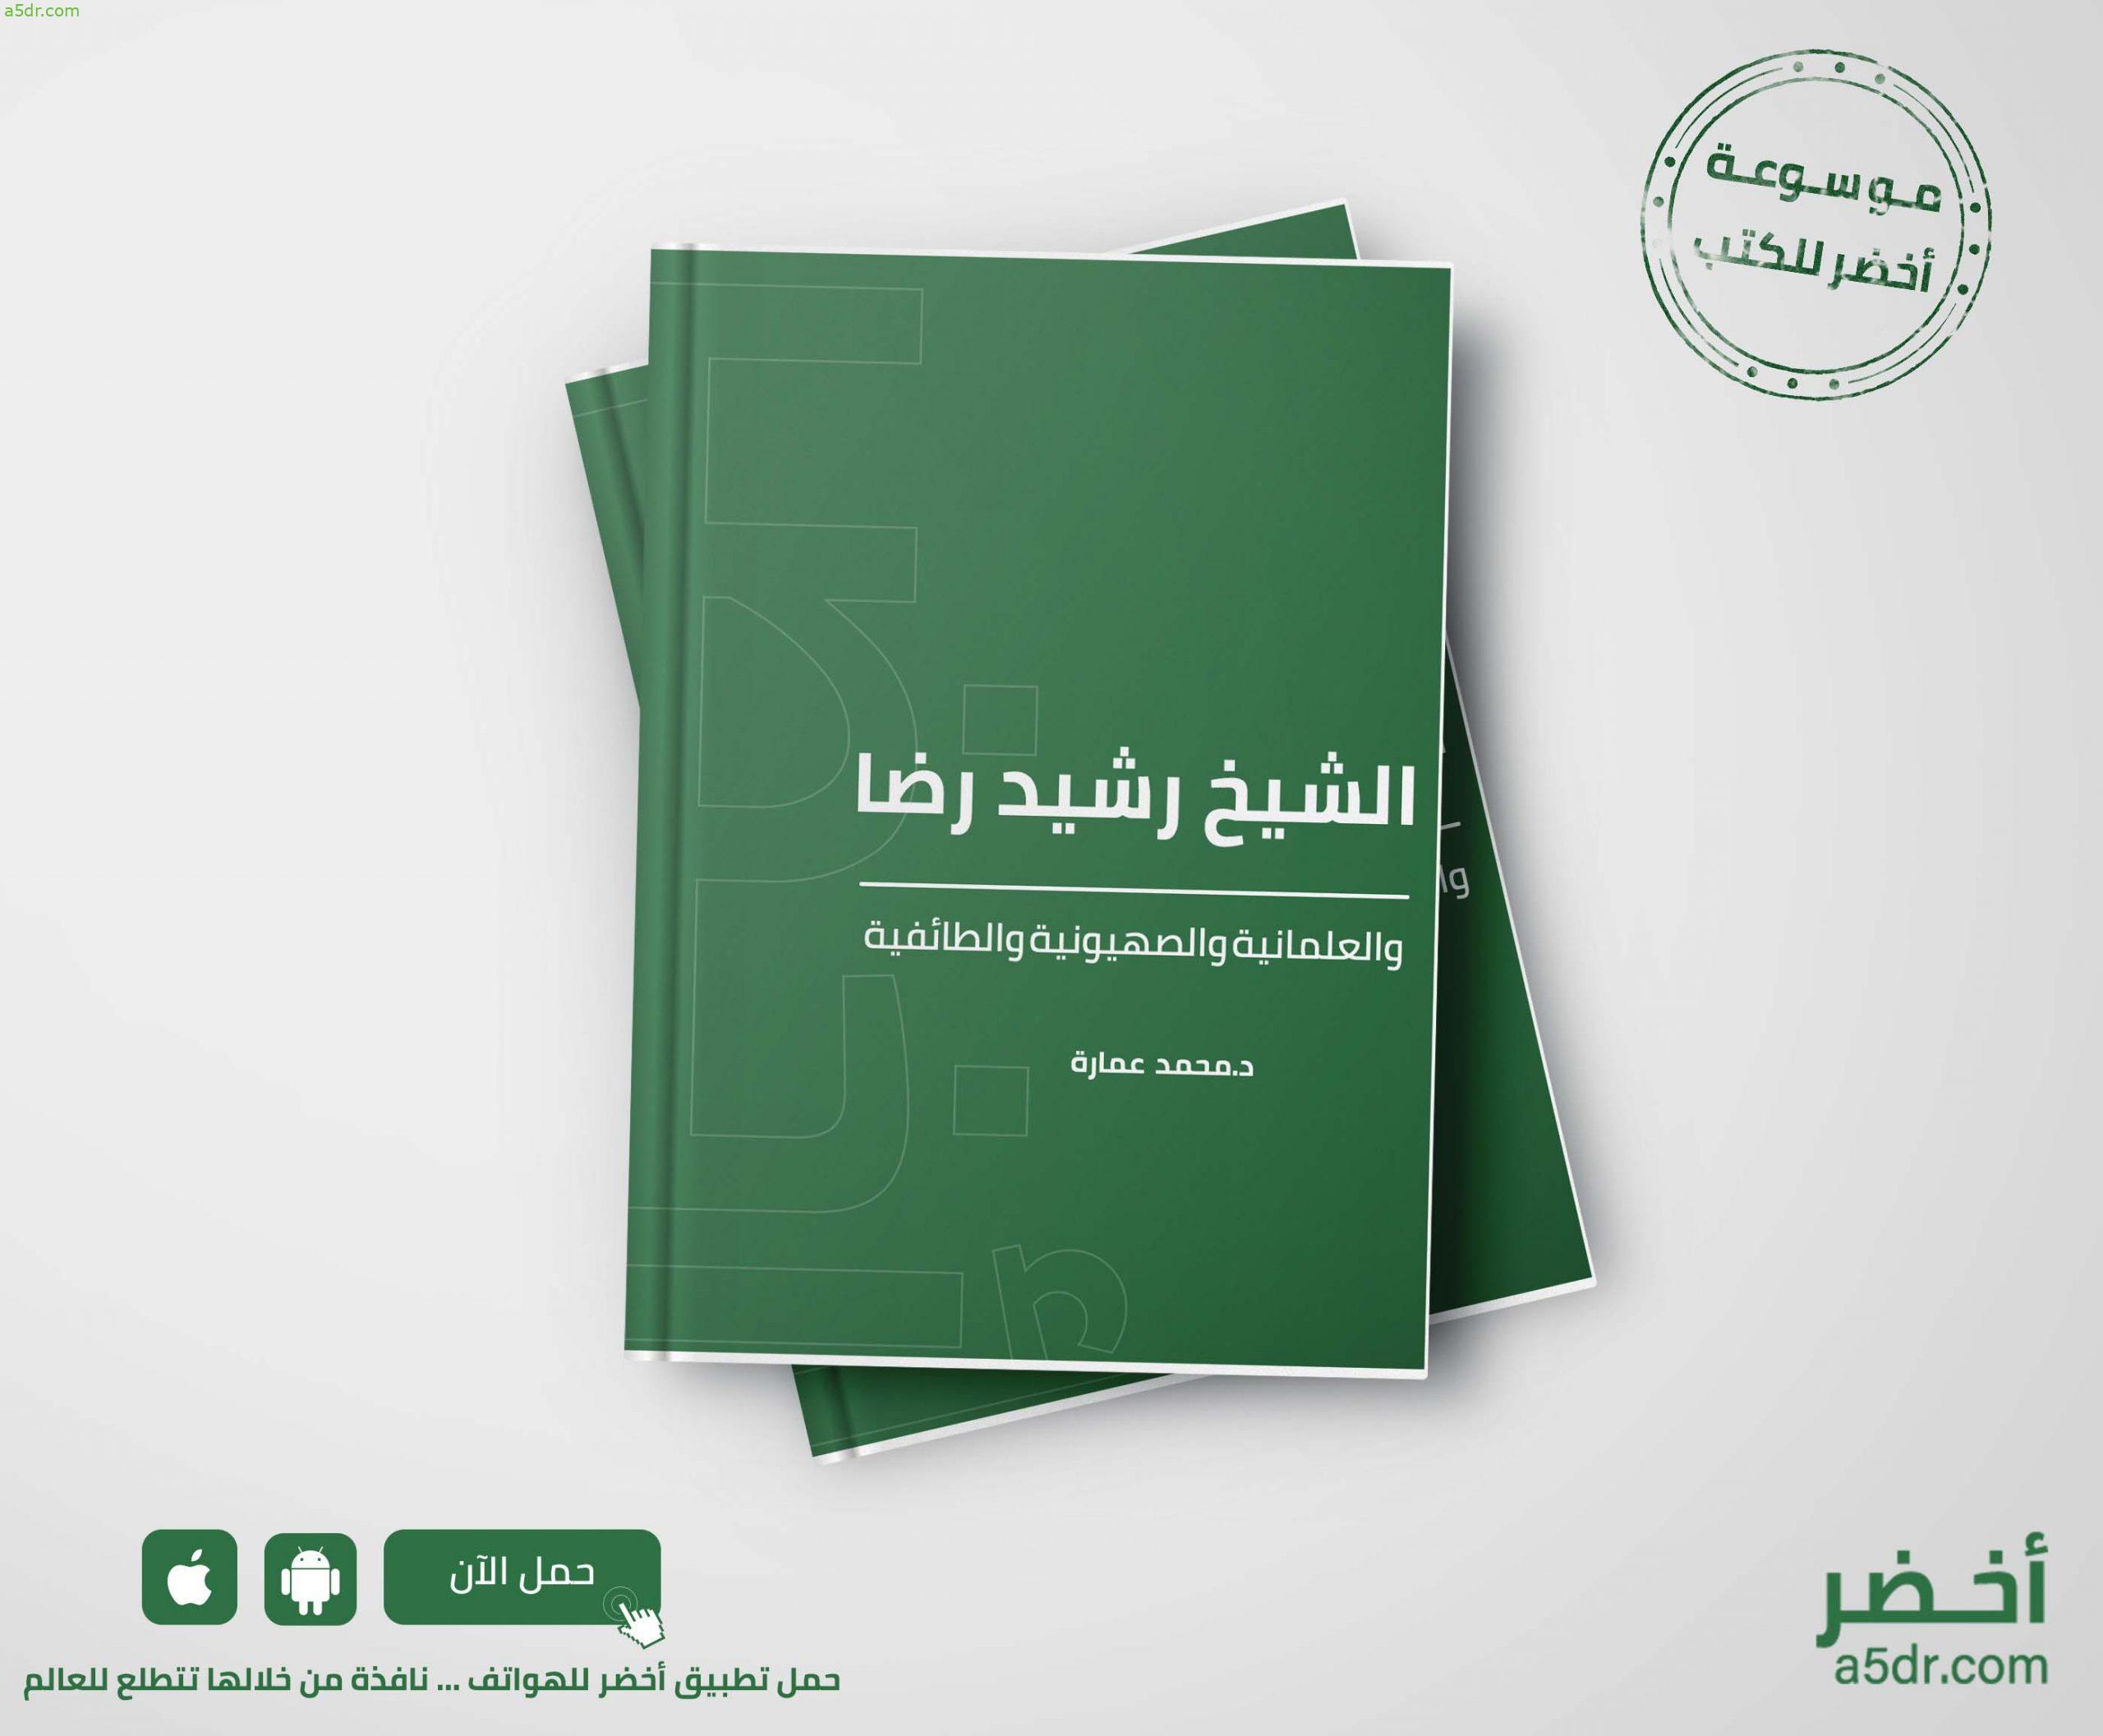 كتاب الشيخ رشيد رضا والعلمانية الصهيونية والطائفية - محمد عمارة